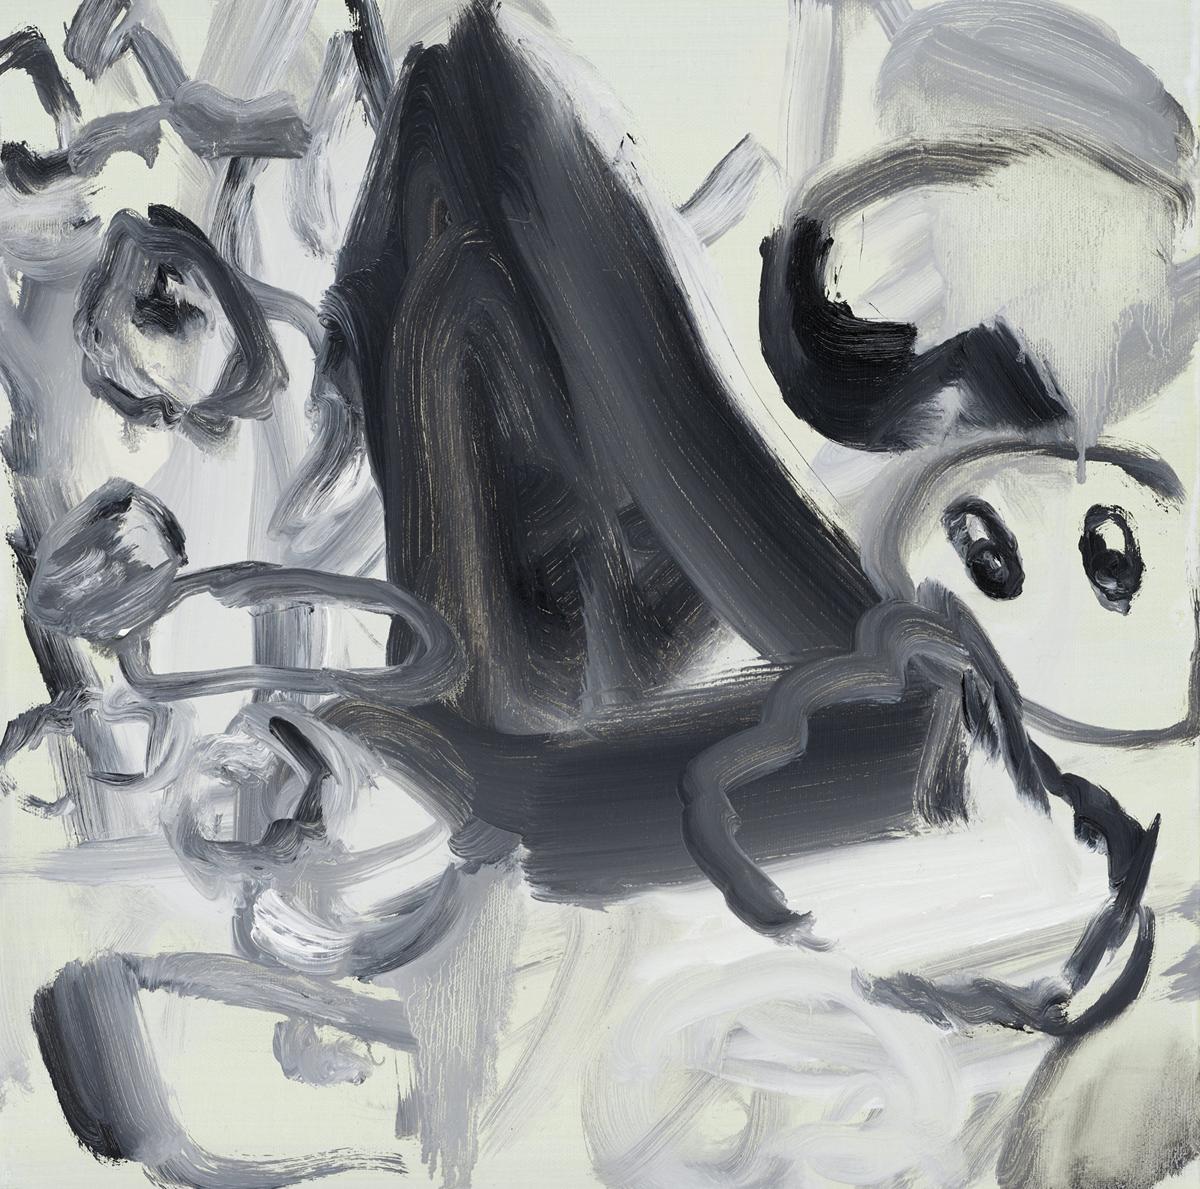 이정민, 산책-형태, 캔버스에 인디언 잉크, 아크릴, 유화, 40x40cm, 2015